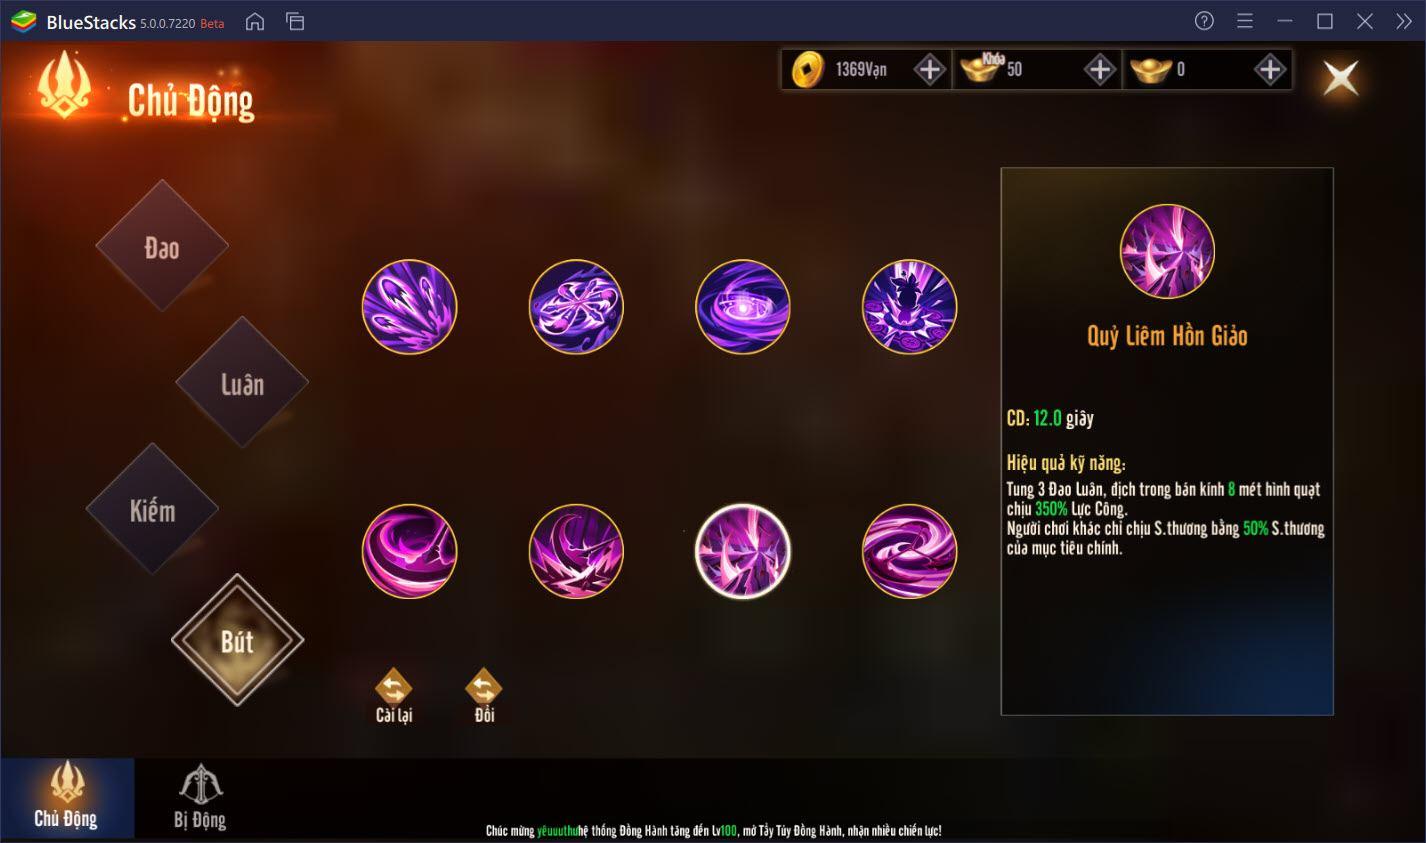 Tuyệt Thế Chiến Hồn trên PC: Đâu là đấu hồn được lựa chọn?